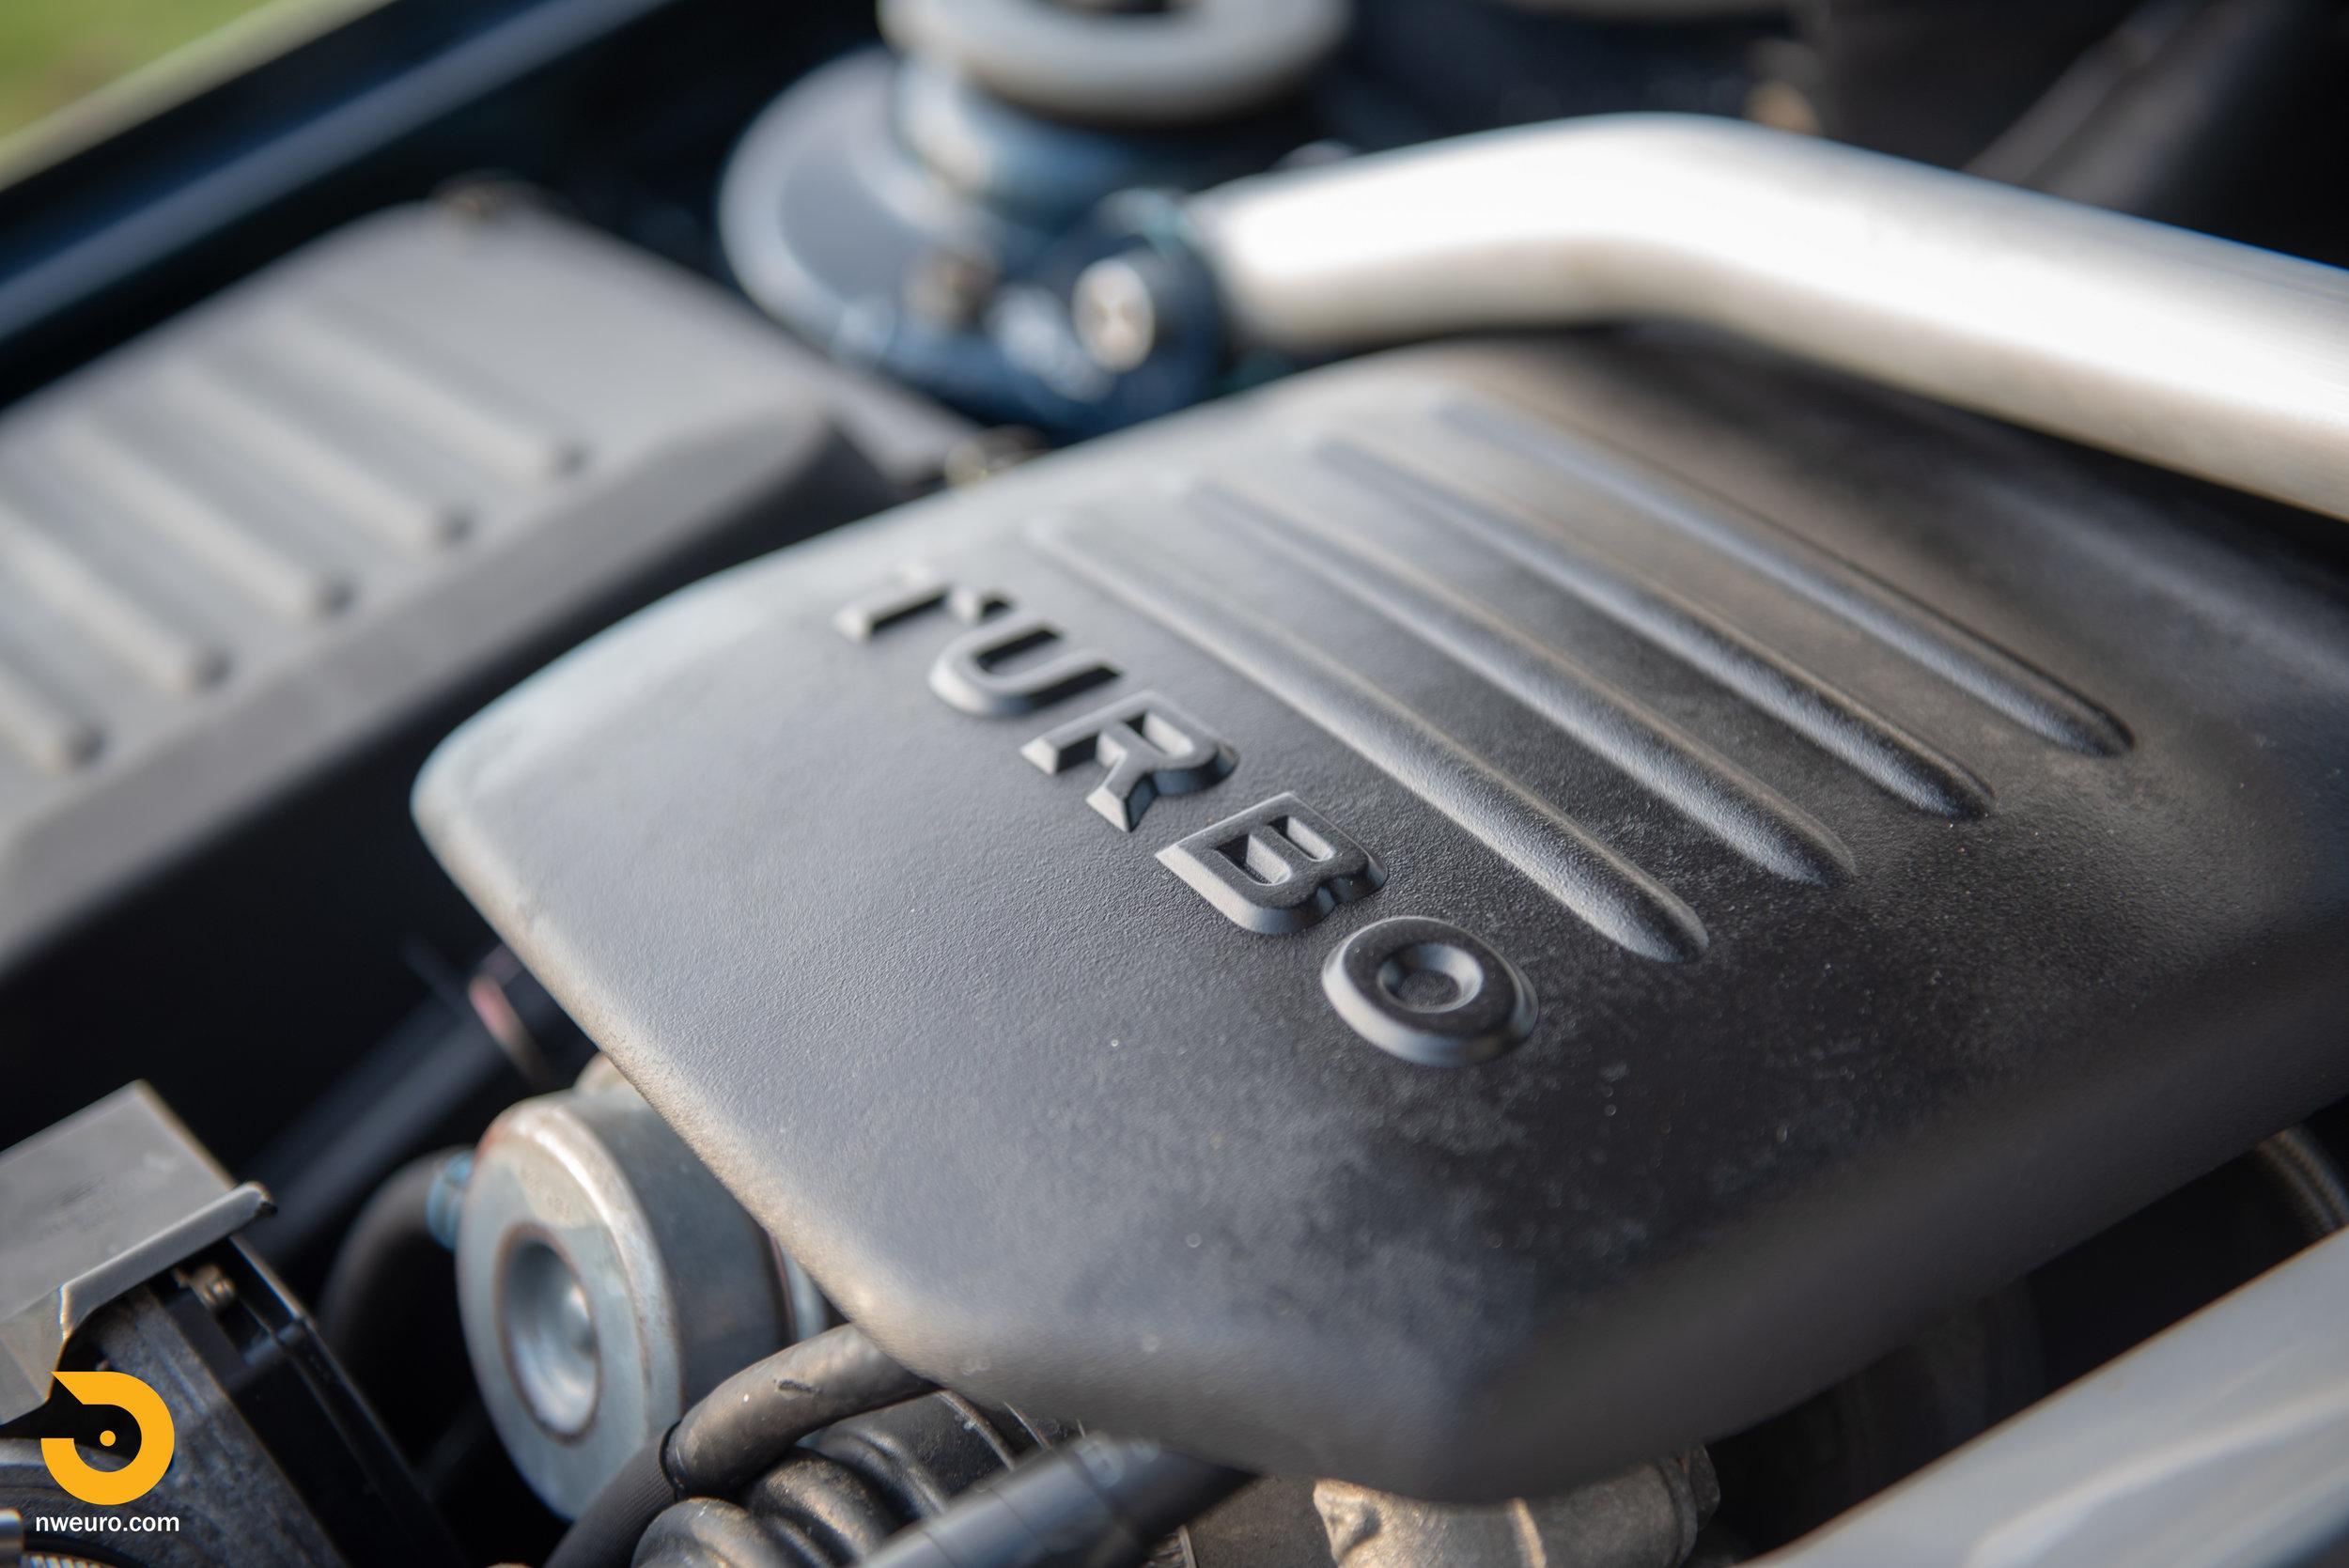 1995 Ford Escort Cosworth - Petrol Blue-38.jpg